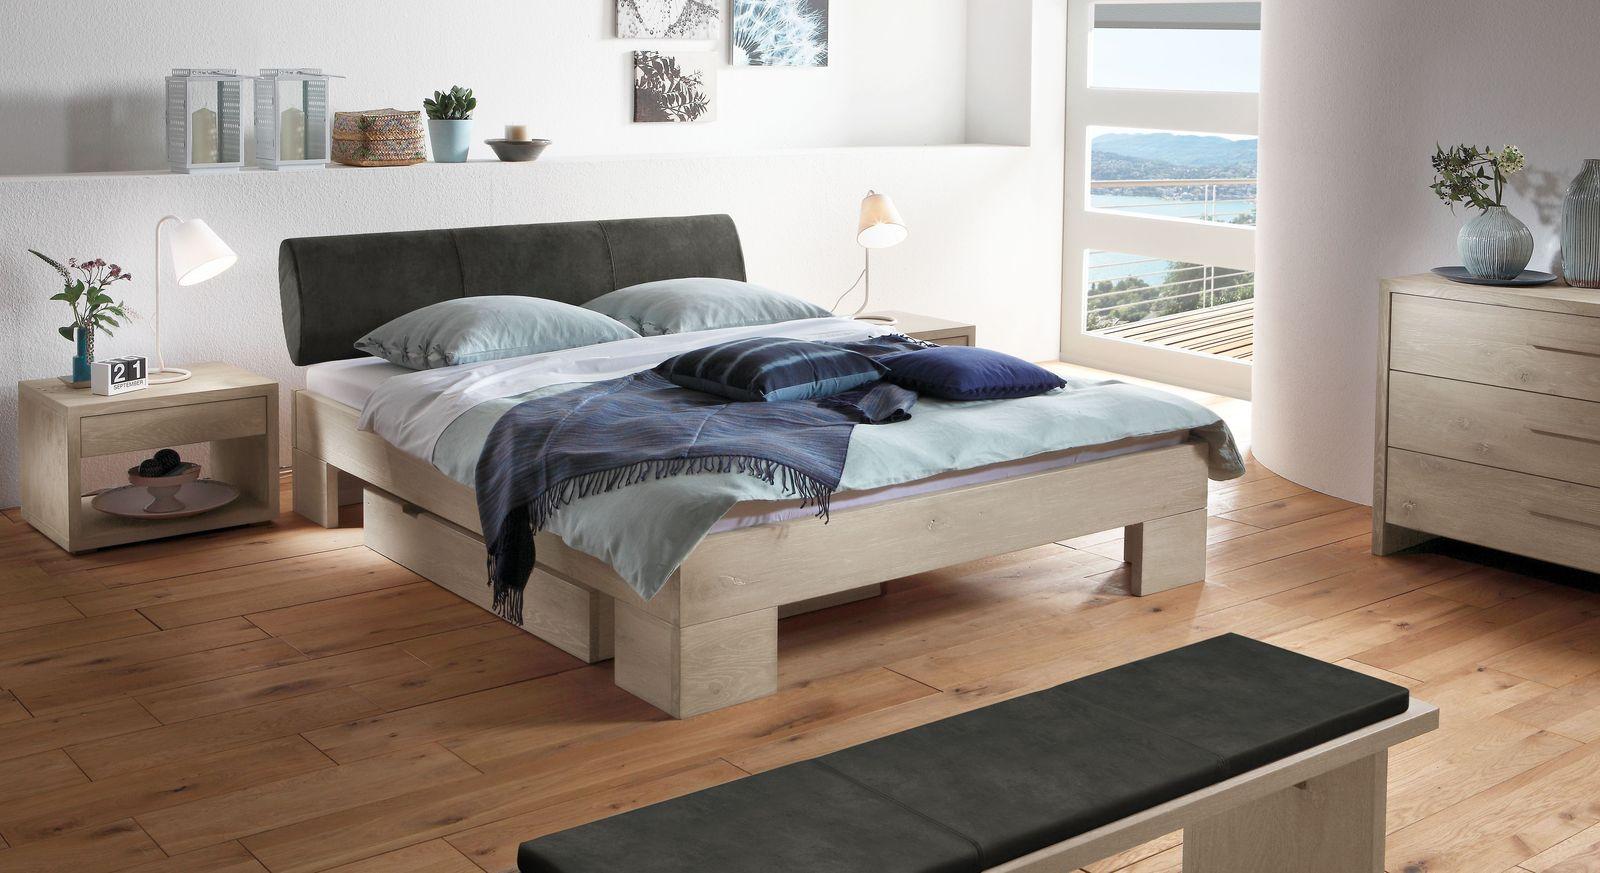 Bett Olinda mit dazu passenden Produkten